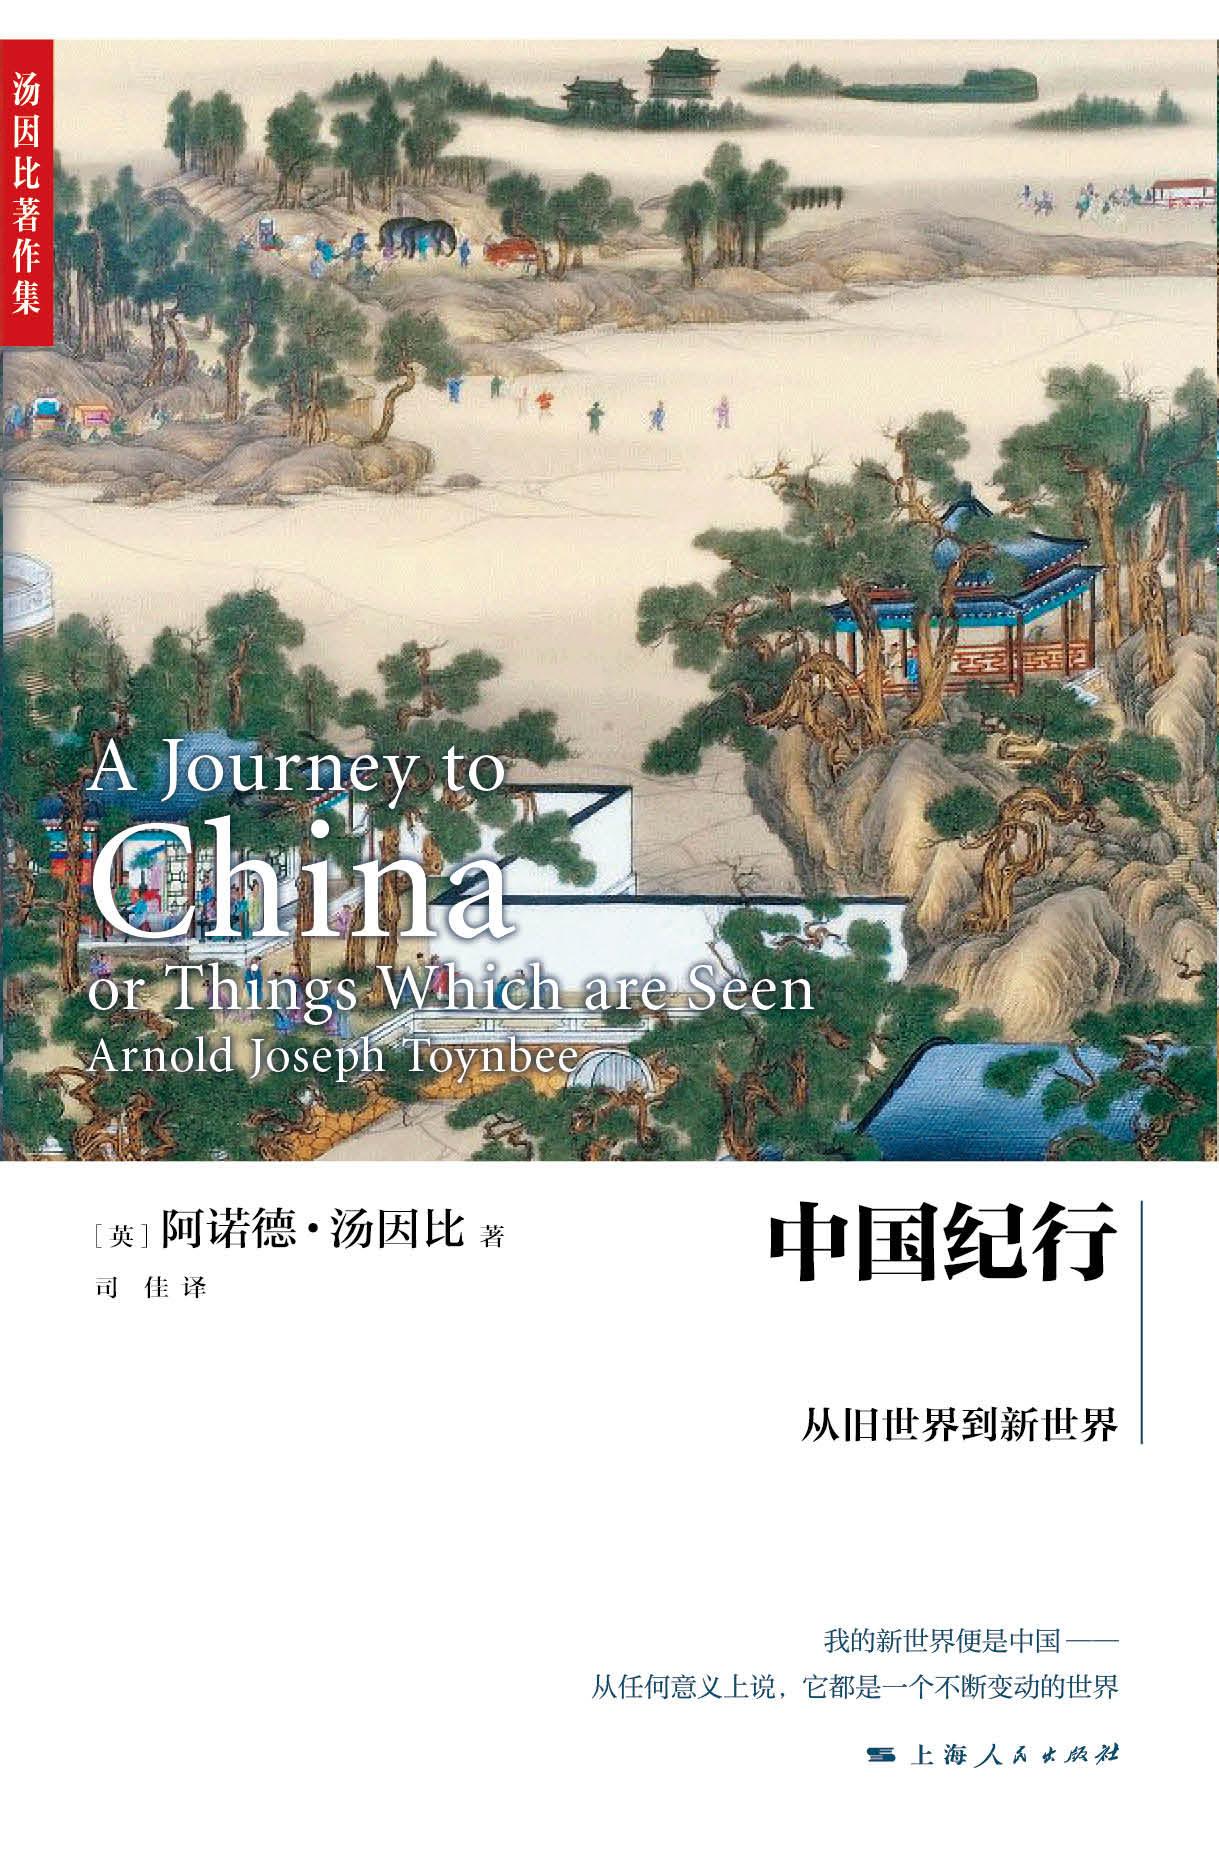 汤因比的中国纪行:长城,新旧之间的世界